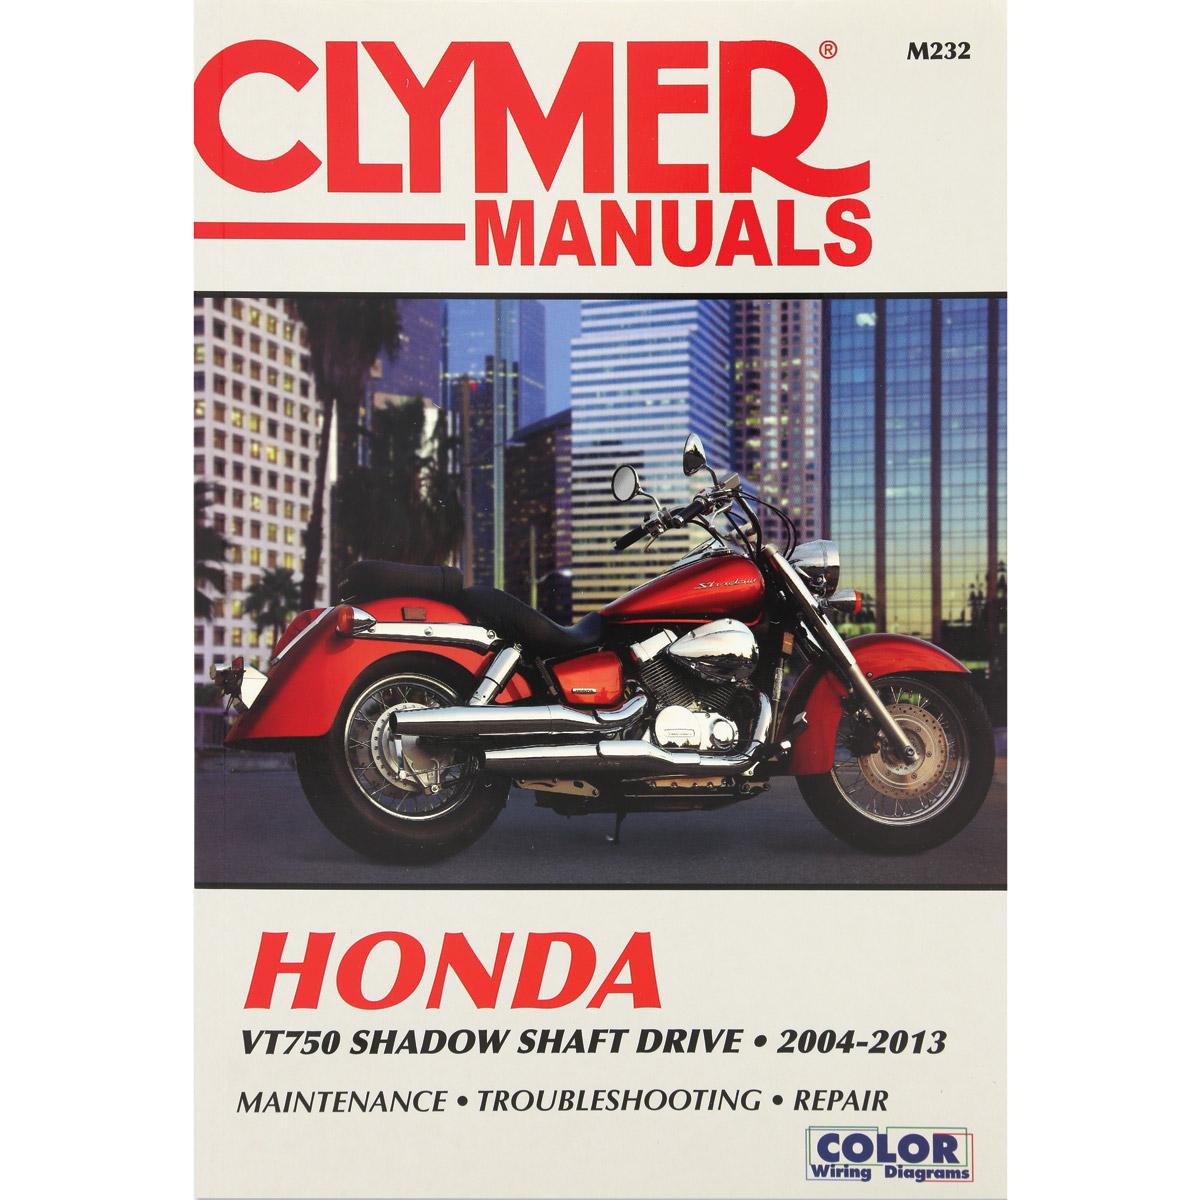 clymer honda motorcycle repair manual m232 Dodge Repair Diagrams